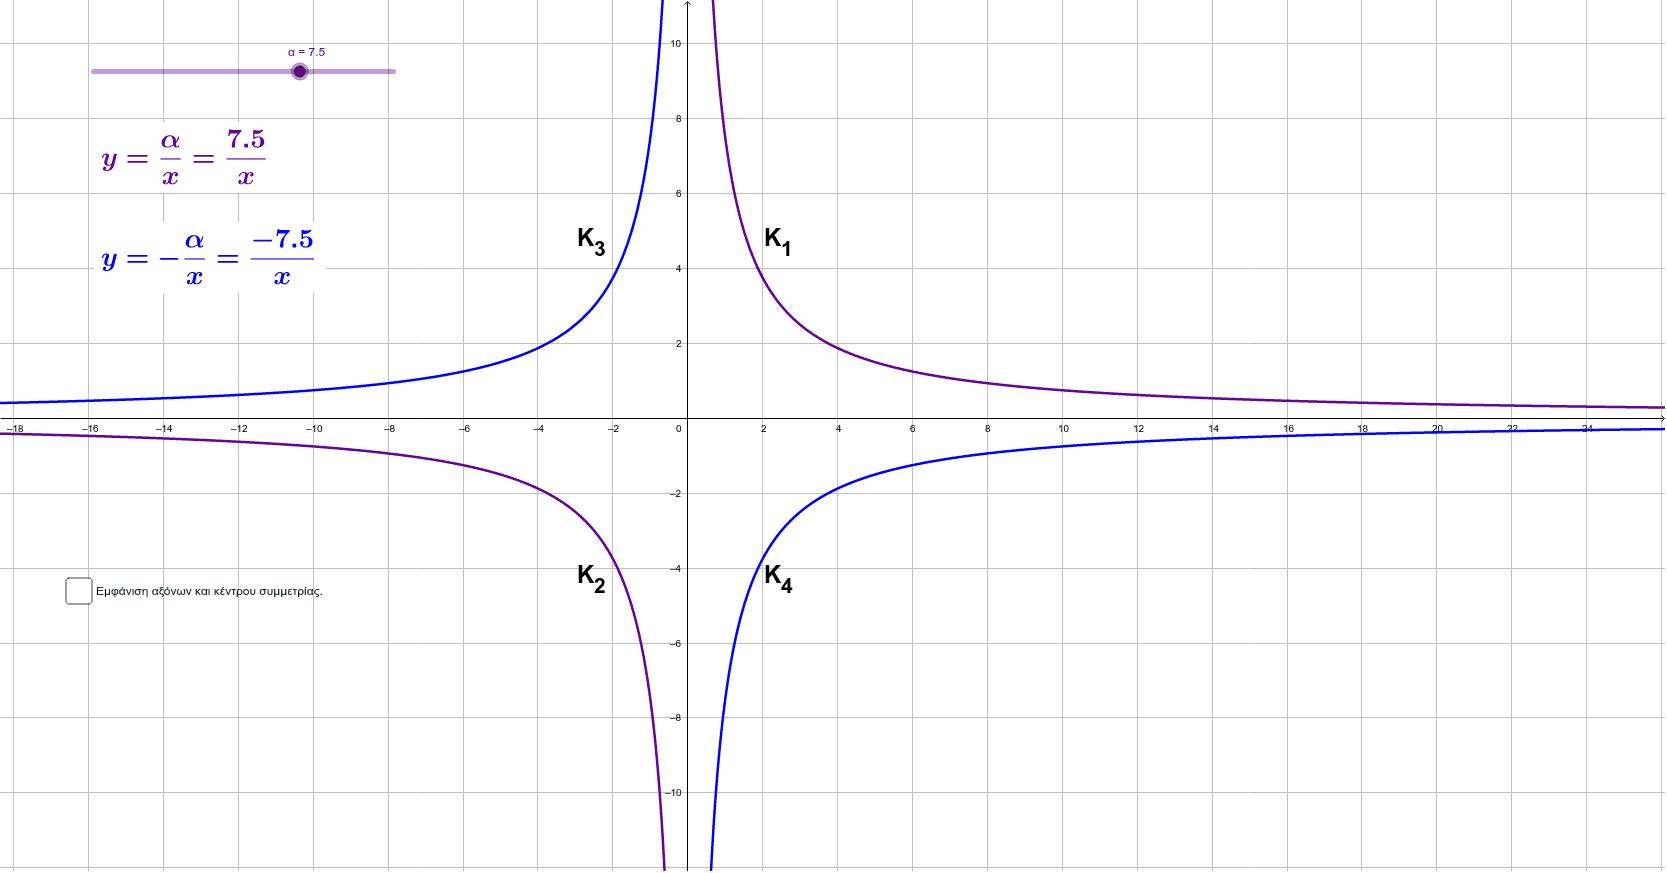 Μετακινήστε τον δείκτη α για να αλλάξετε το σχήμα των υπερβολών y=α/x και y=-α/x